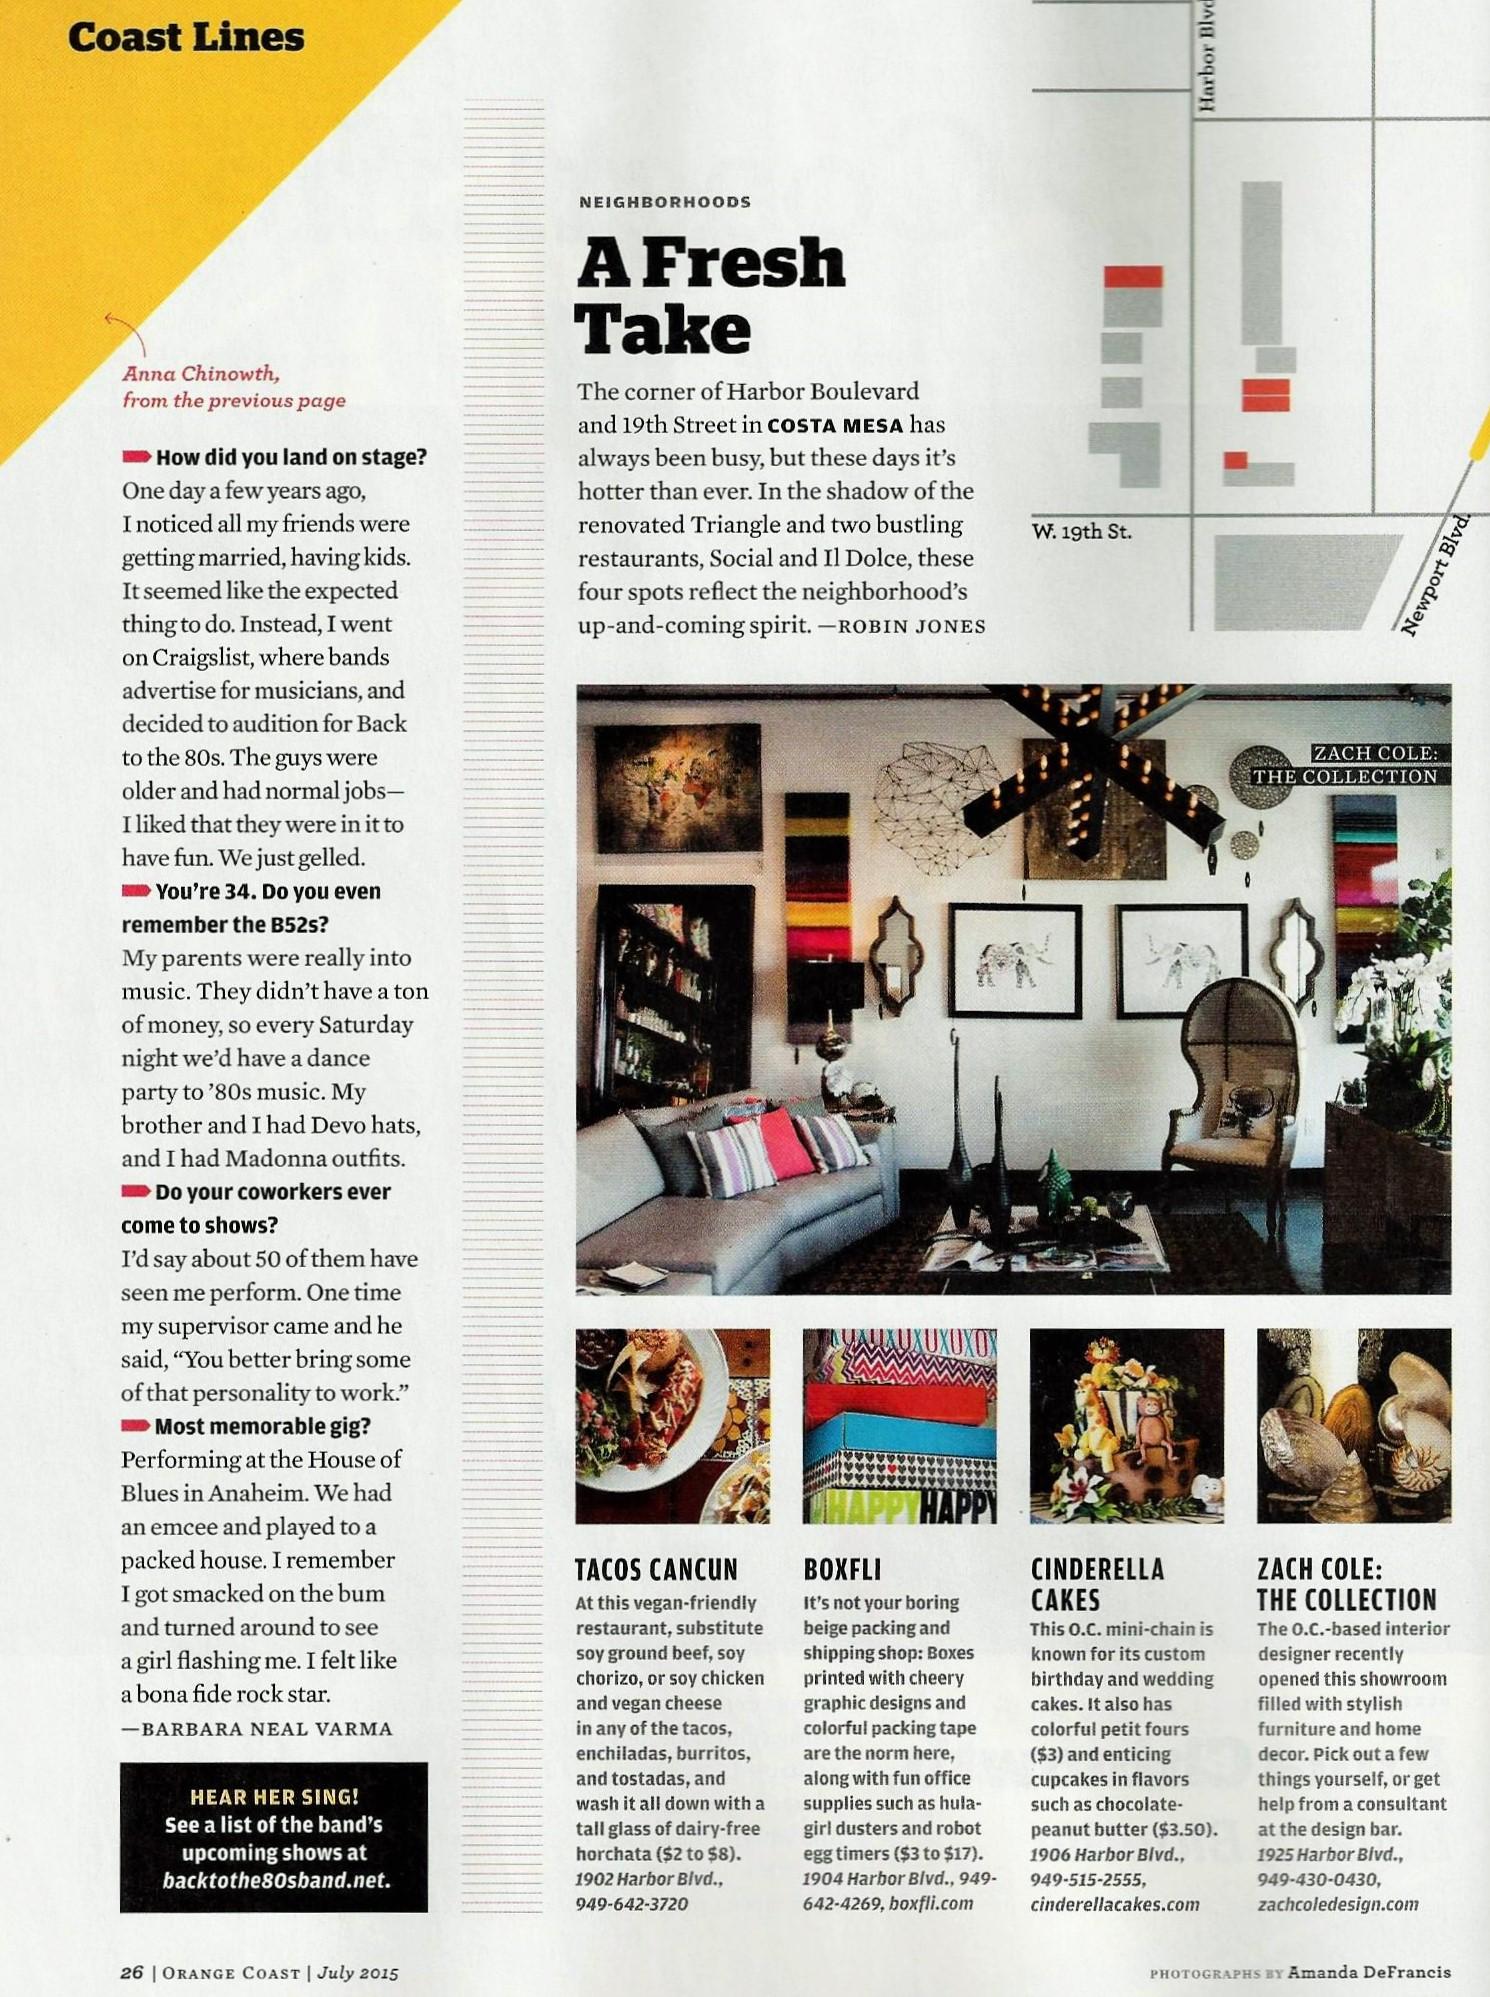 Boxfli-coast-magazine